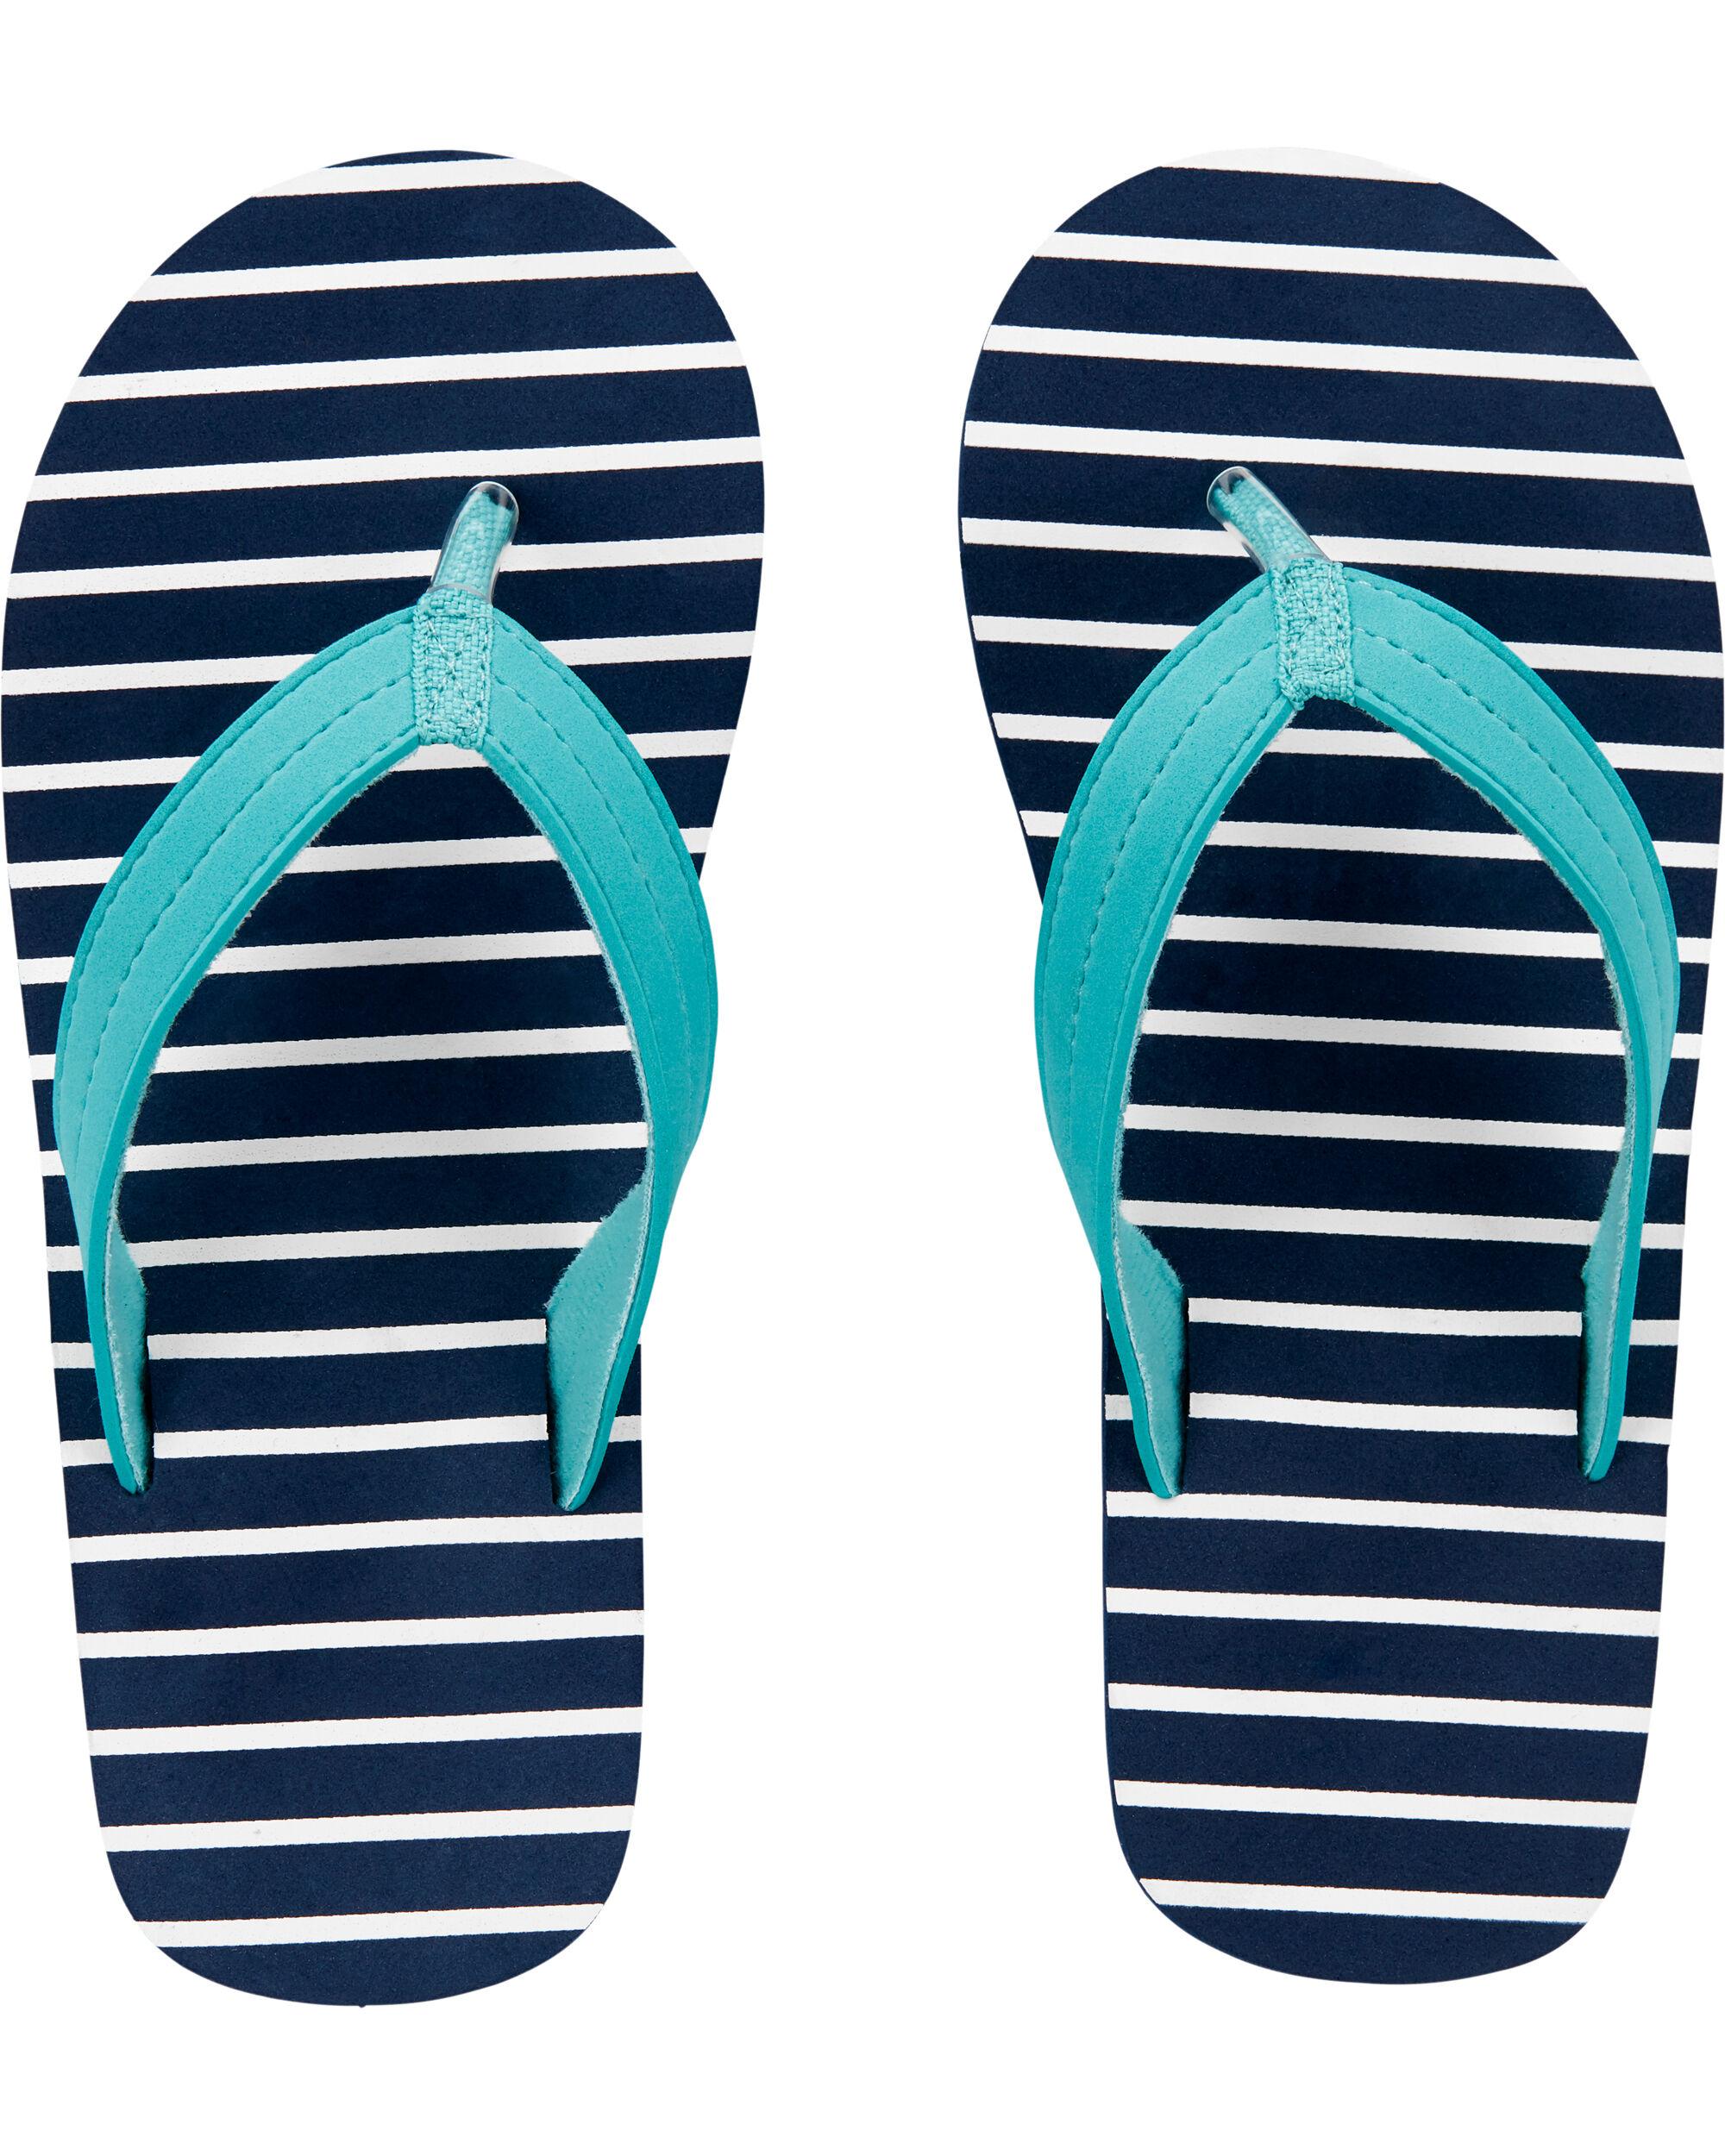 Carters Striped Flip Flops